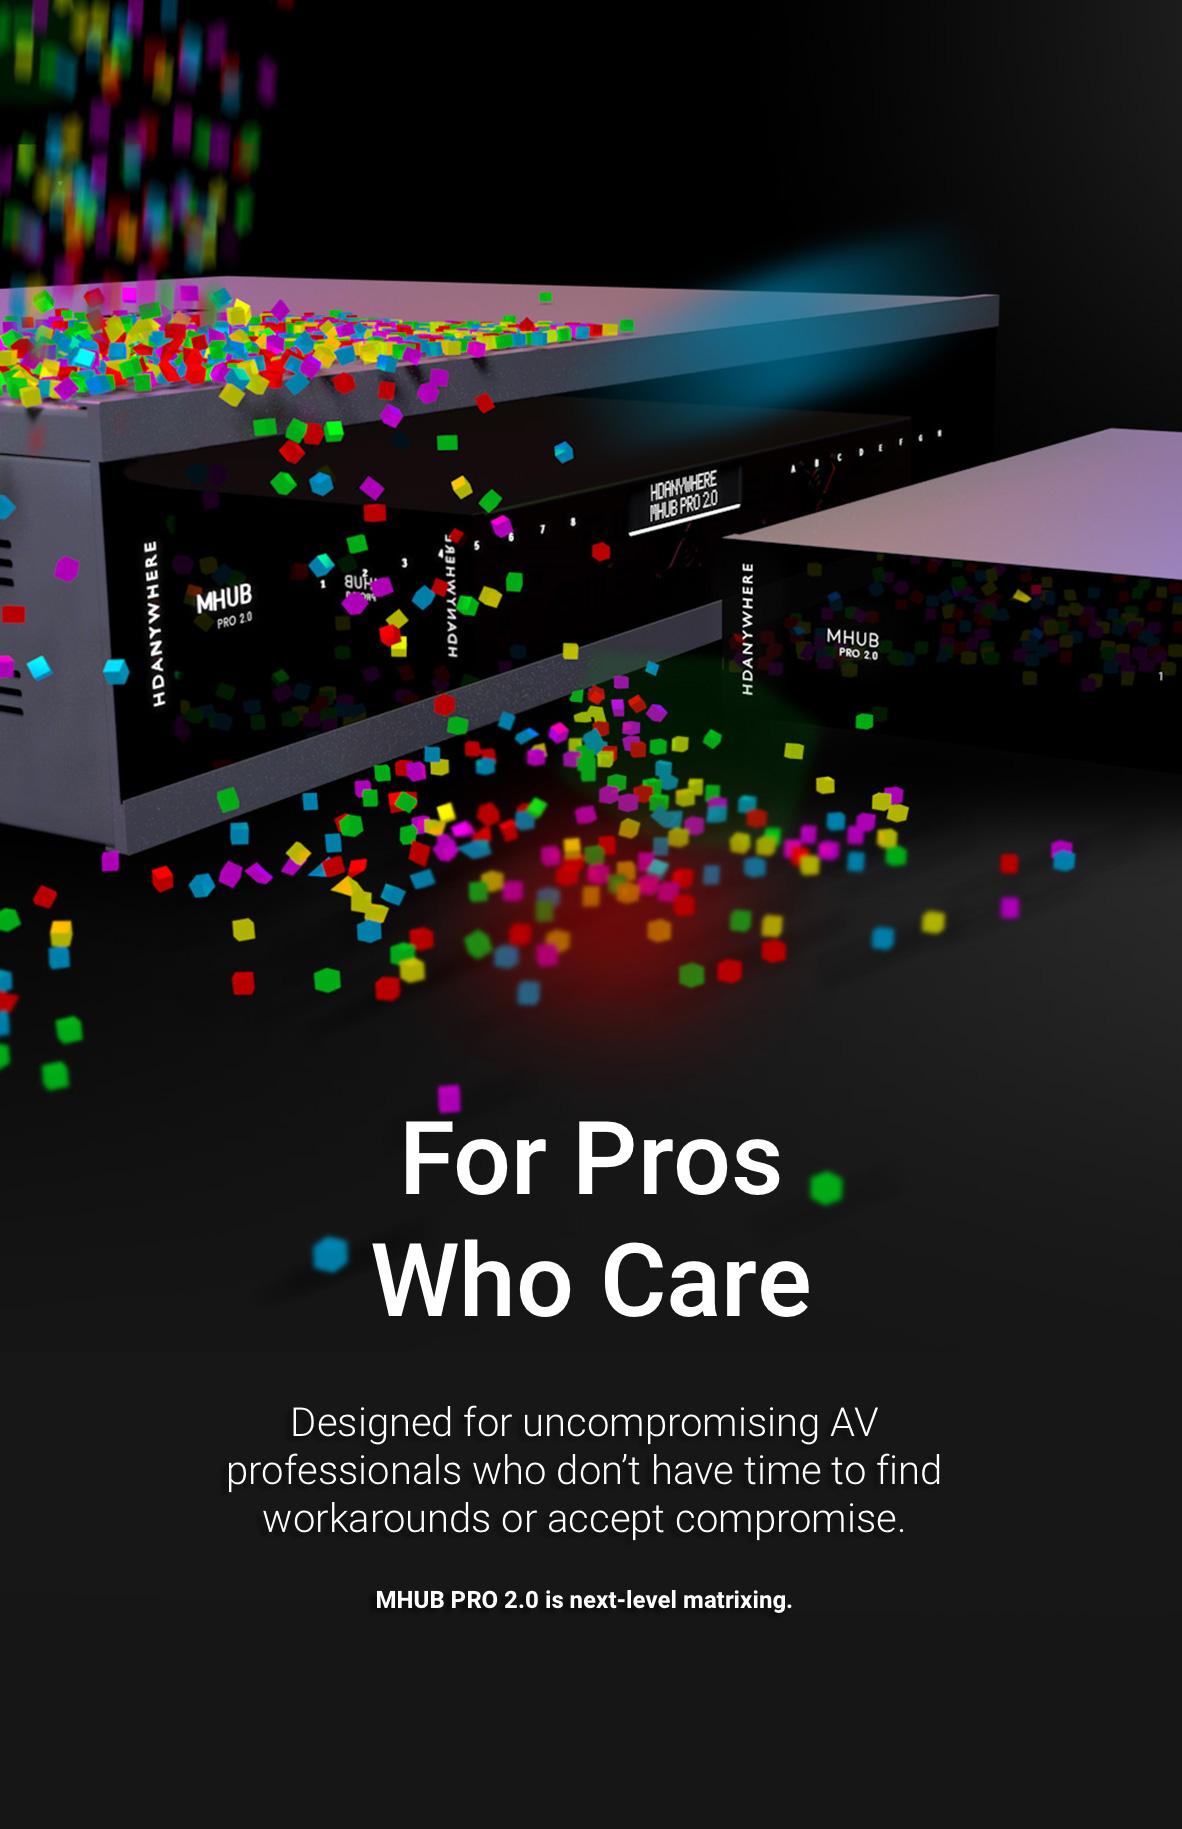 MHUB PRO 2.0